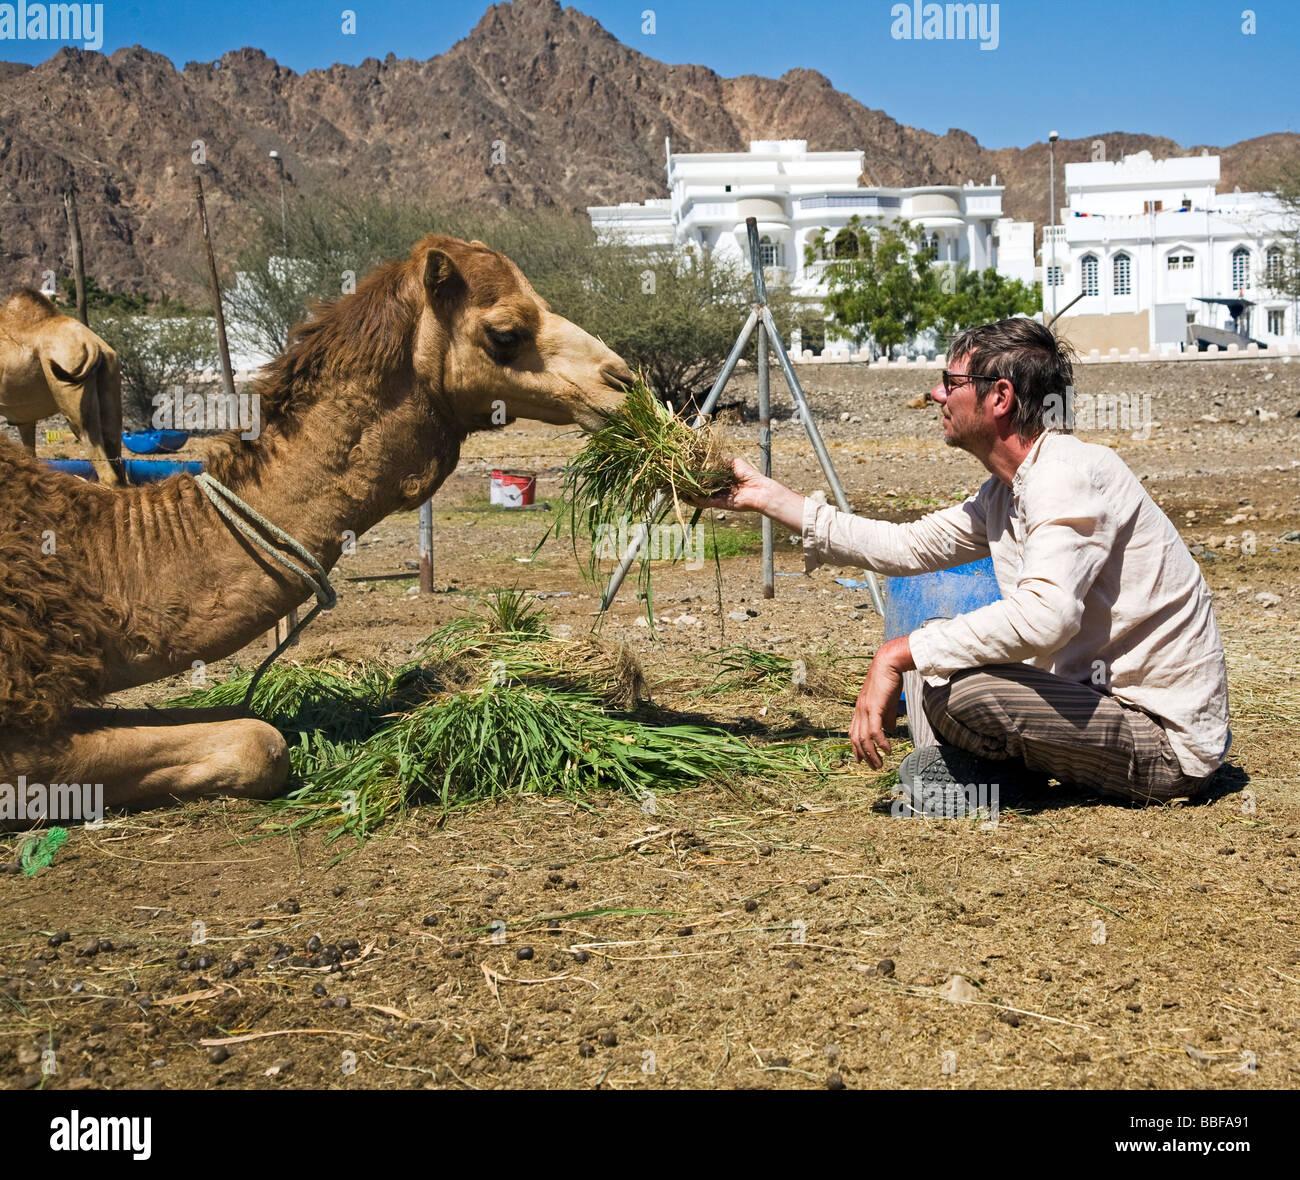 Alimentazione turistico camel nella capitale del sultanato di Oman, Muscat Maskat füttert turistica Kamele Immagini Stock